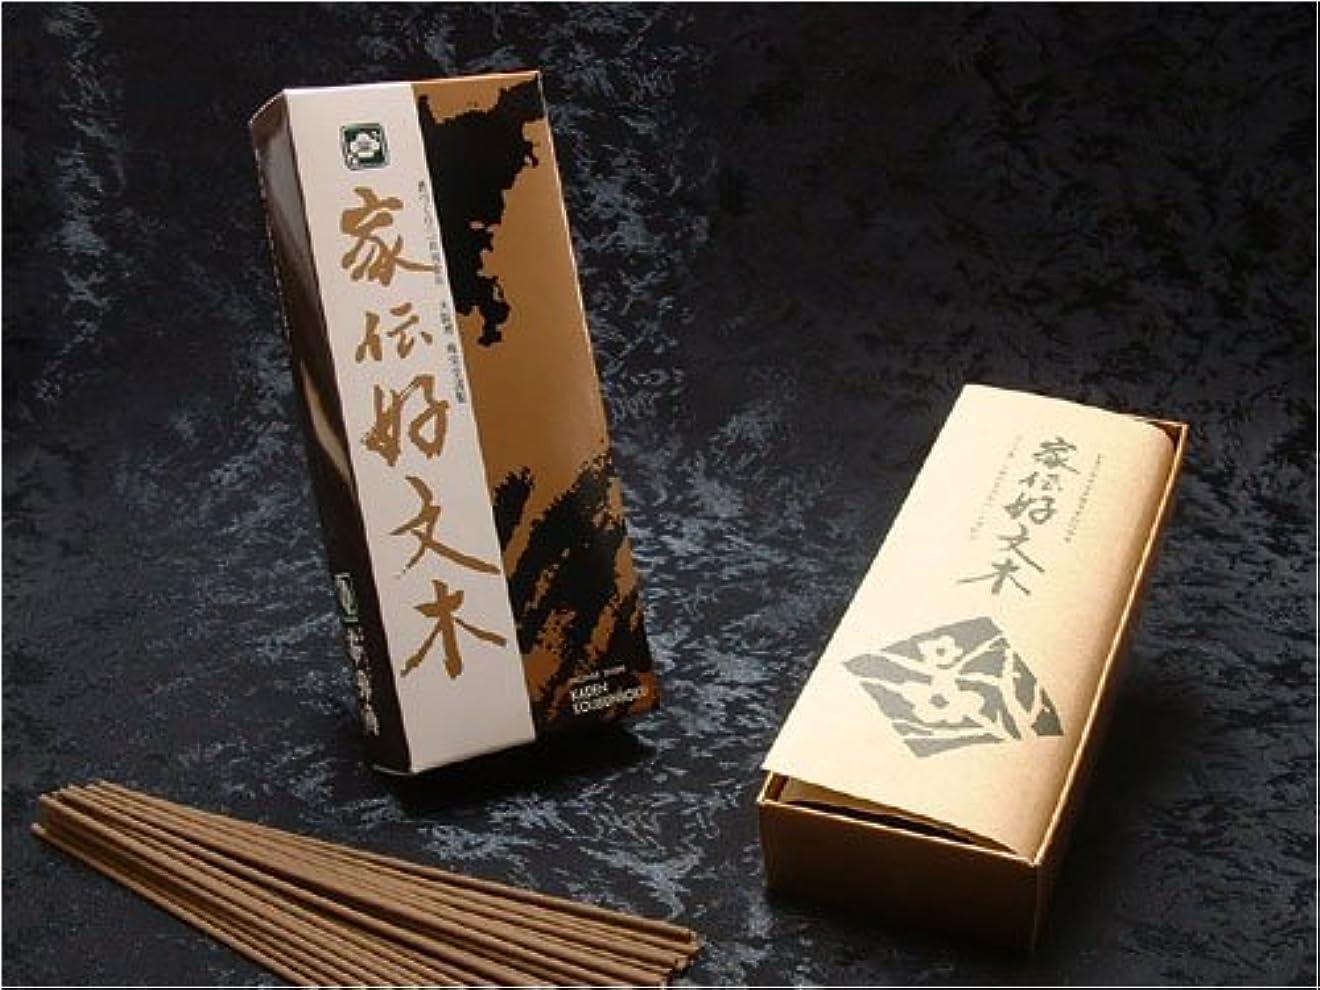 バーベキュー経験的決定する梅栄堂のお線香 家伝好文木 短寸小型バラ詰